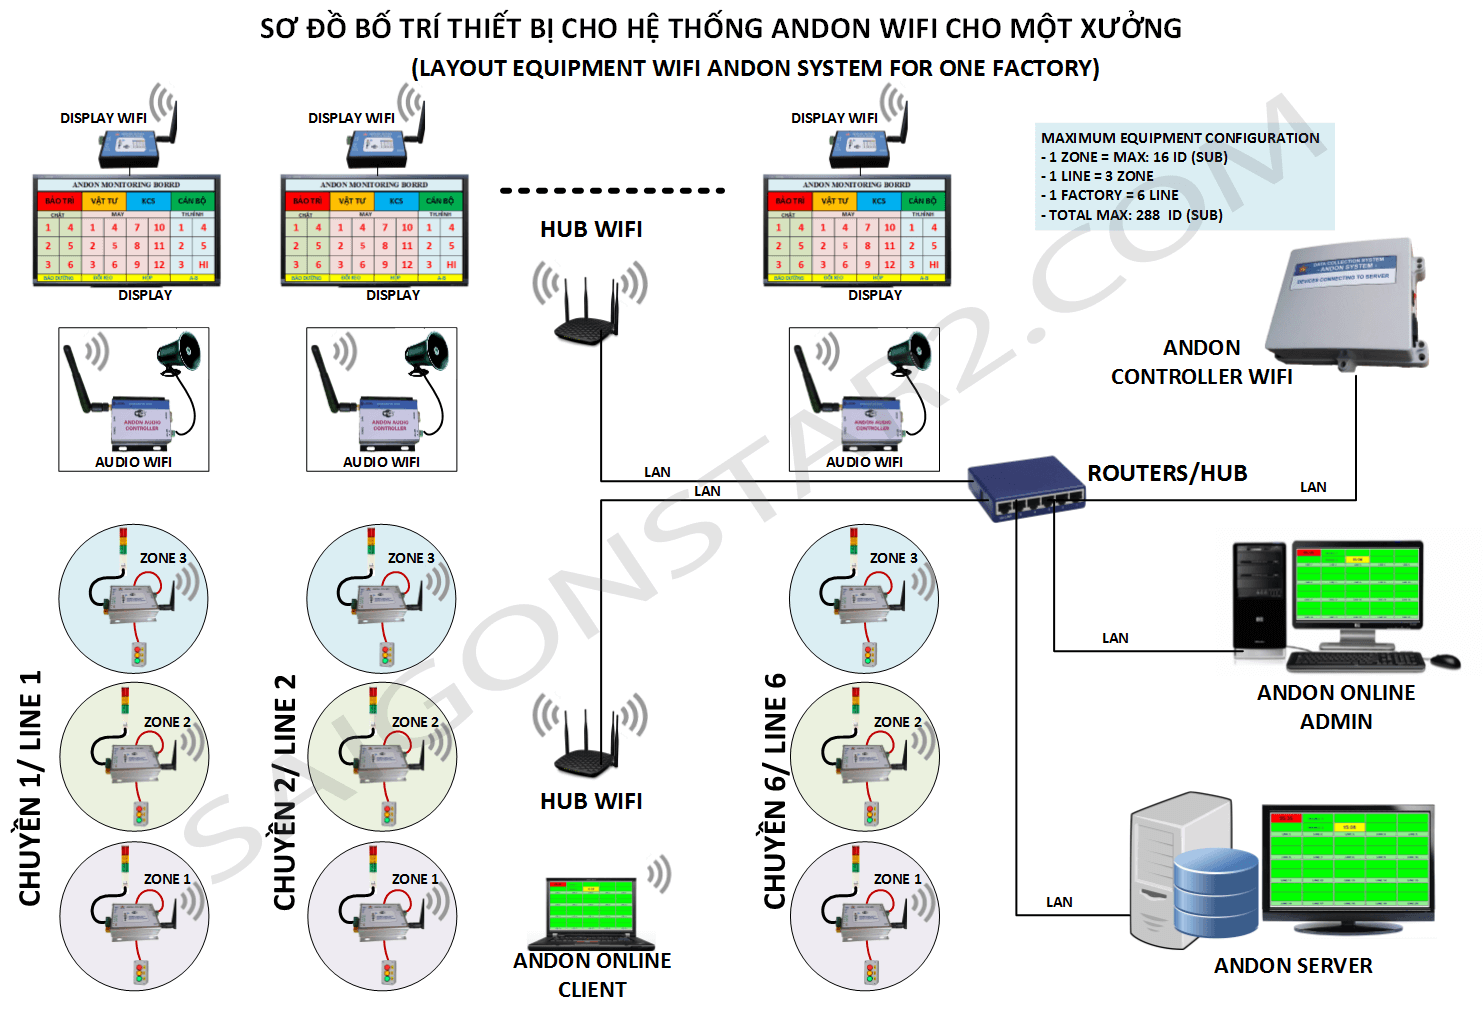 Giải pháp Andon WiFi cho 1 xưởng 1